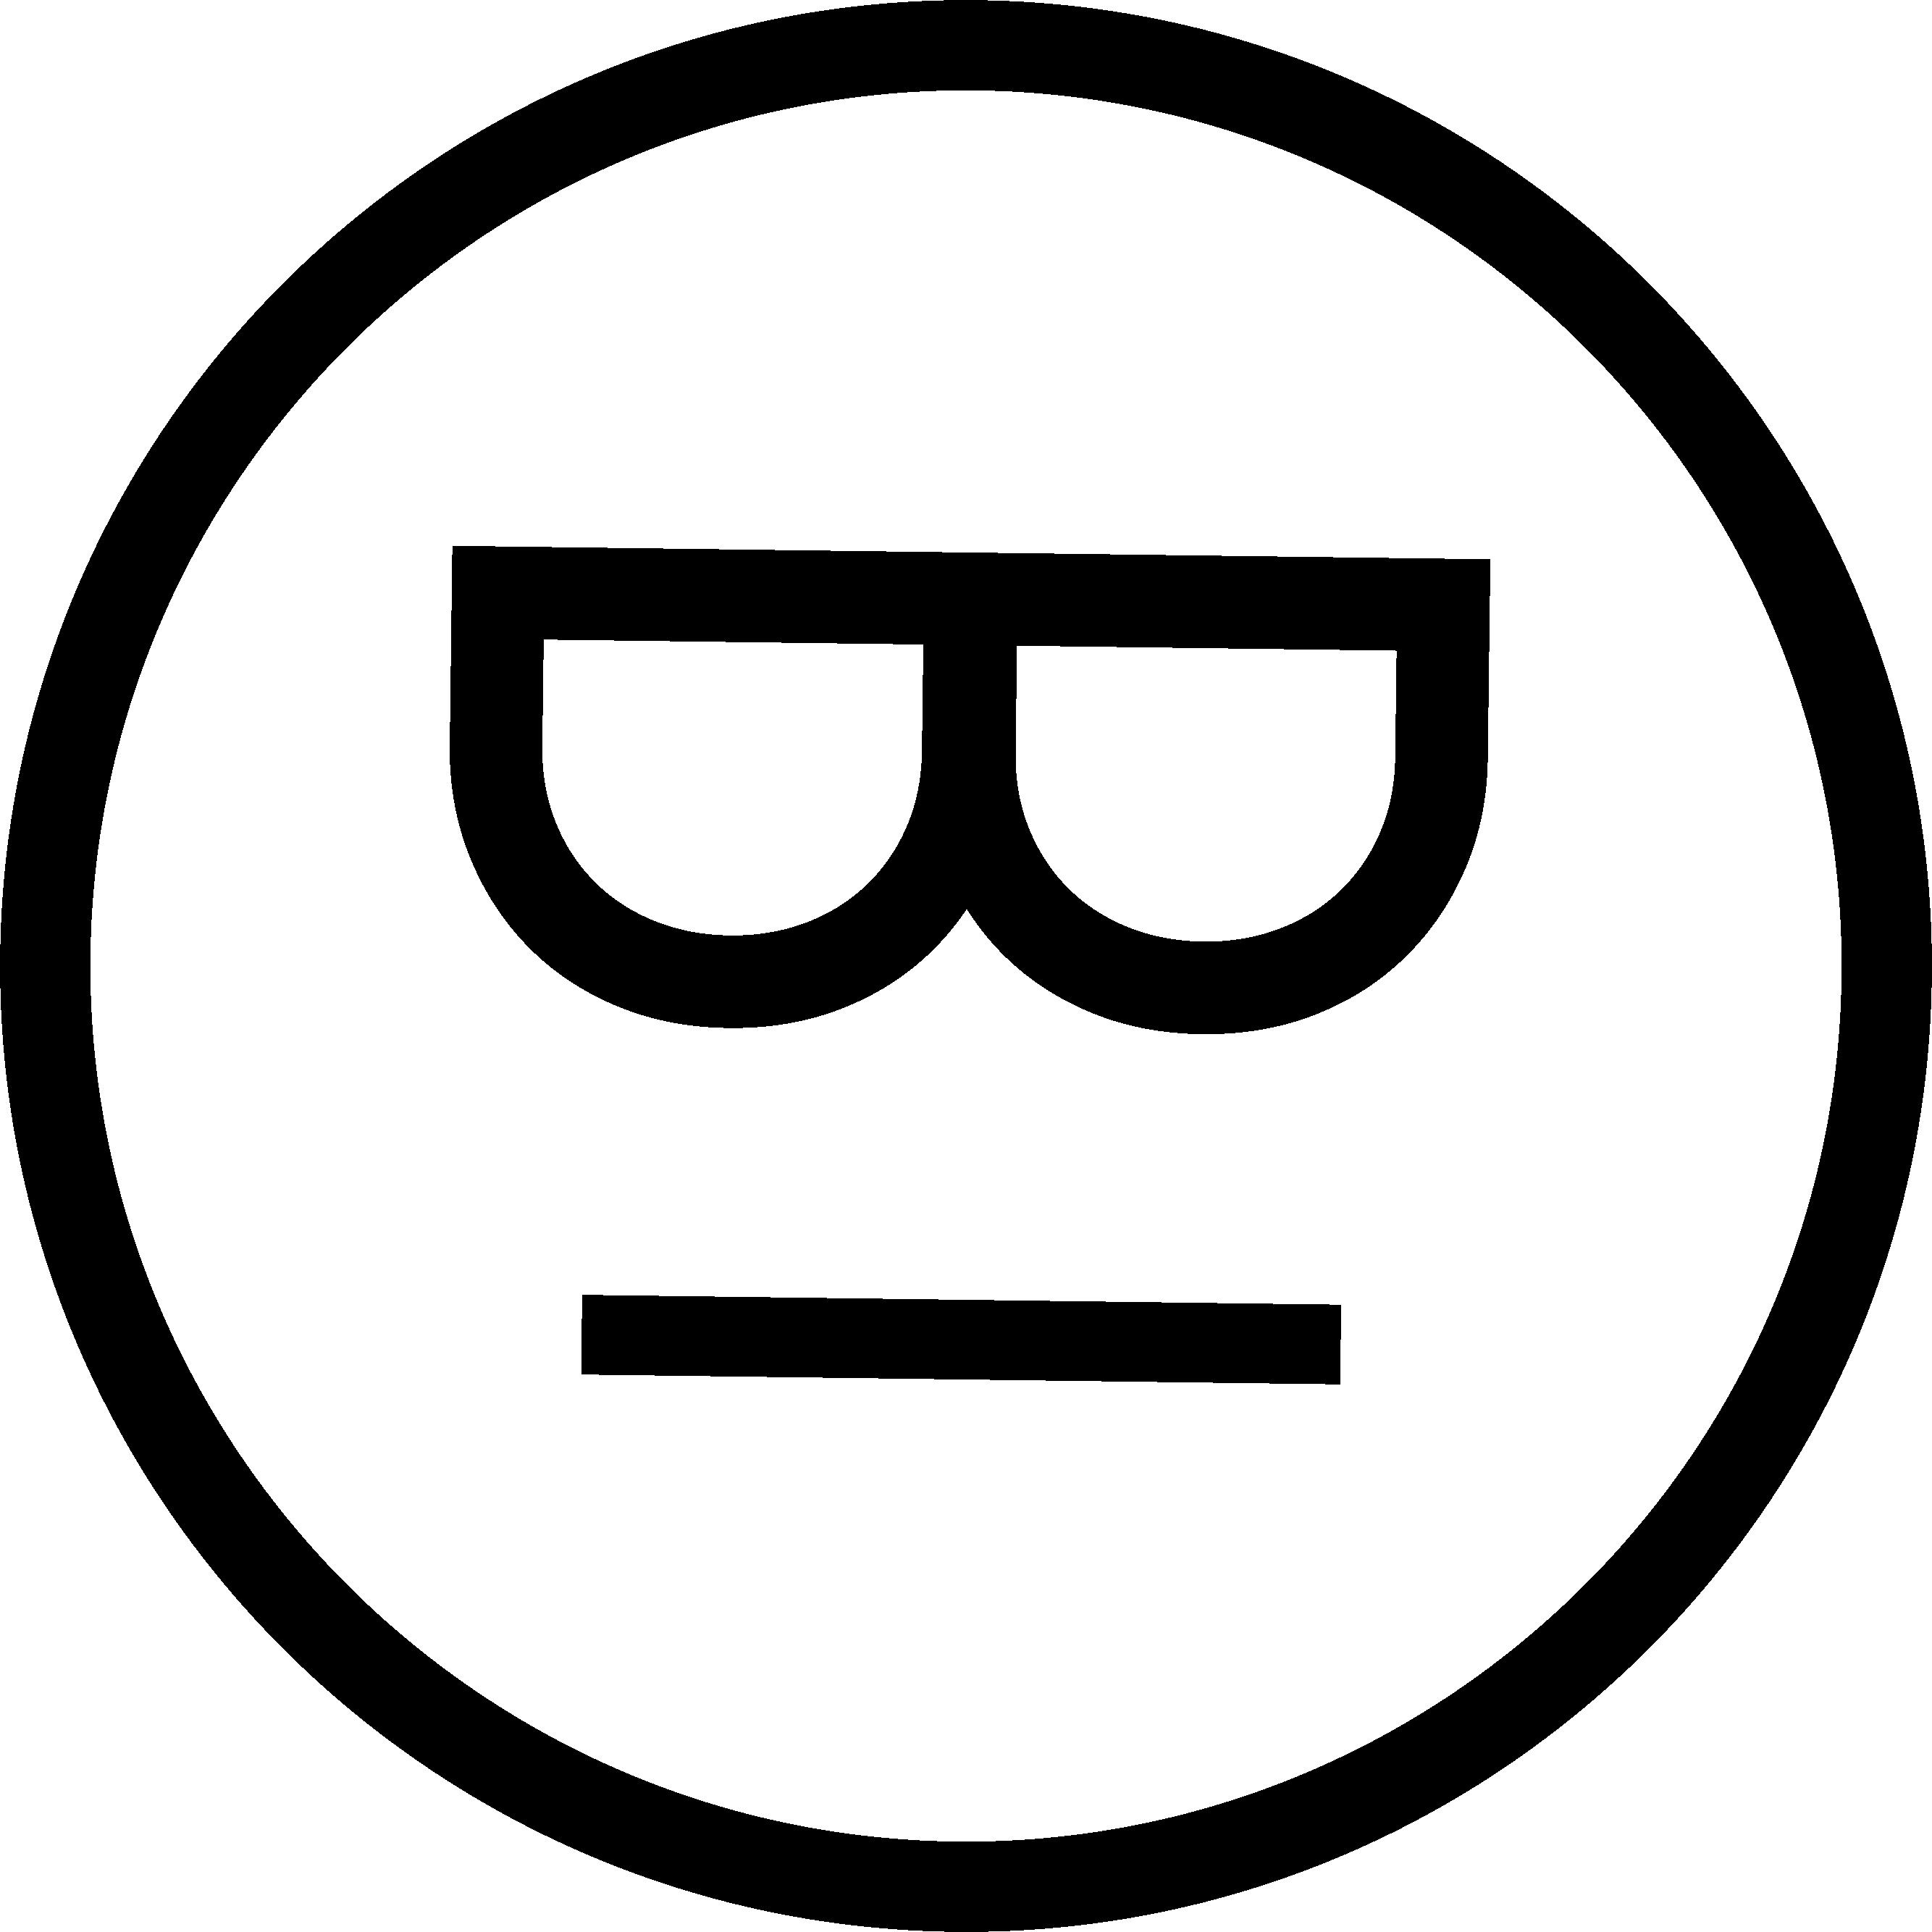 AB_D logo